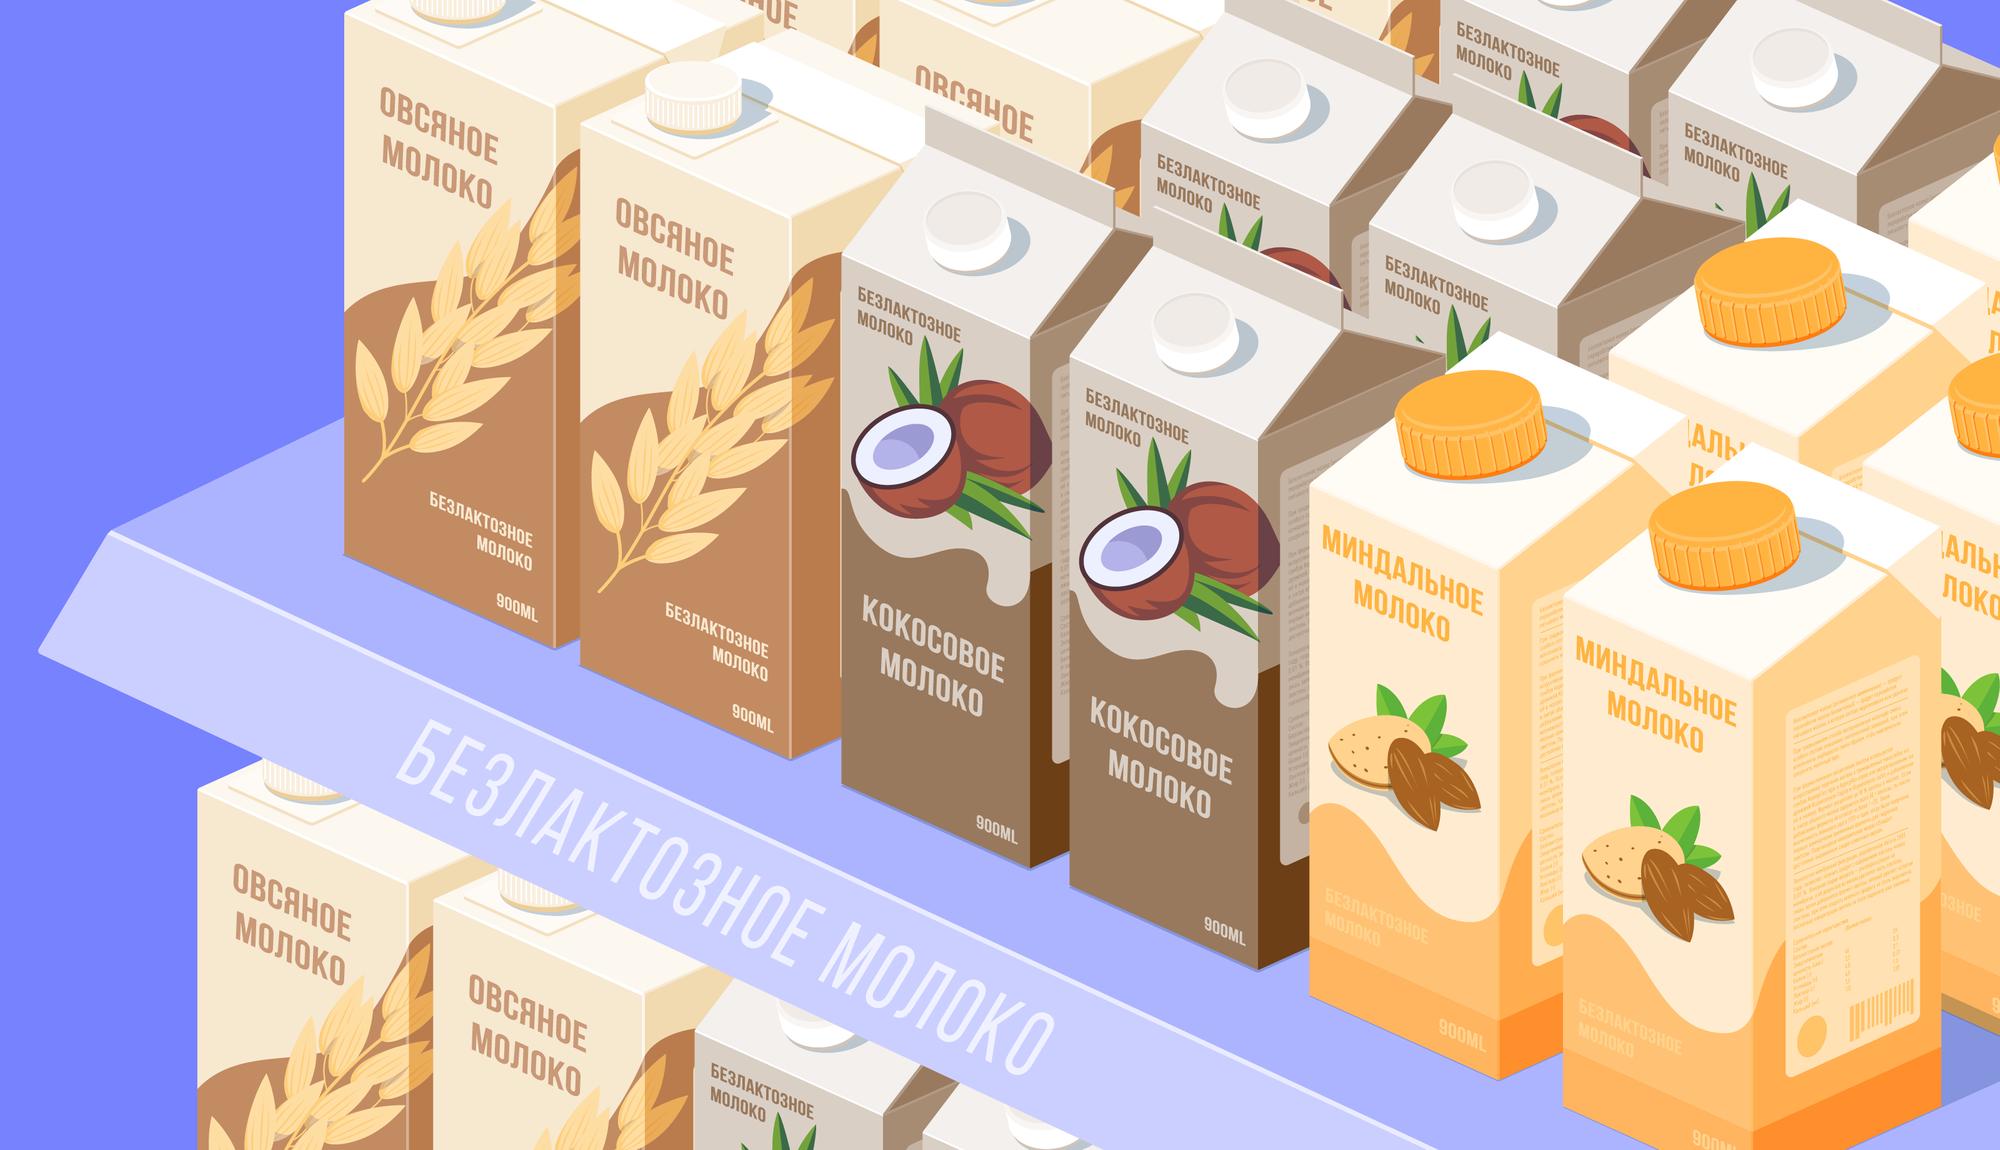 Растительное молоко: кокосовое, соевое, миндальное, овсяное